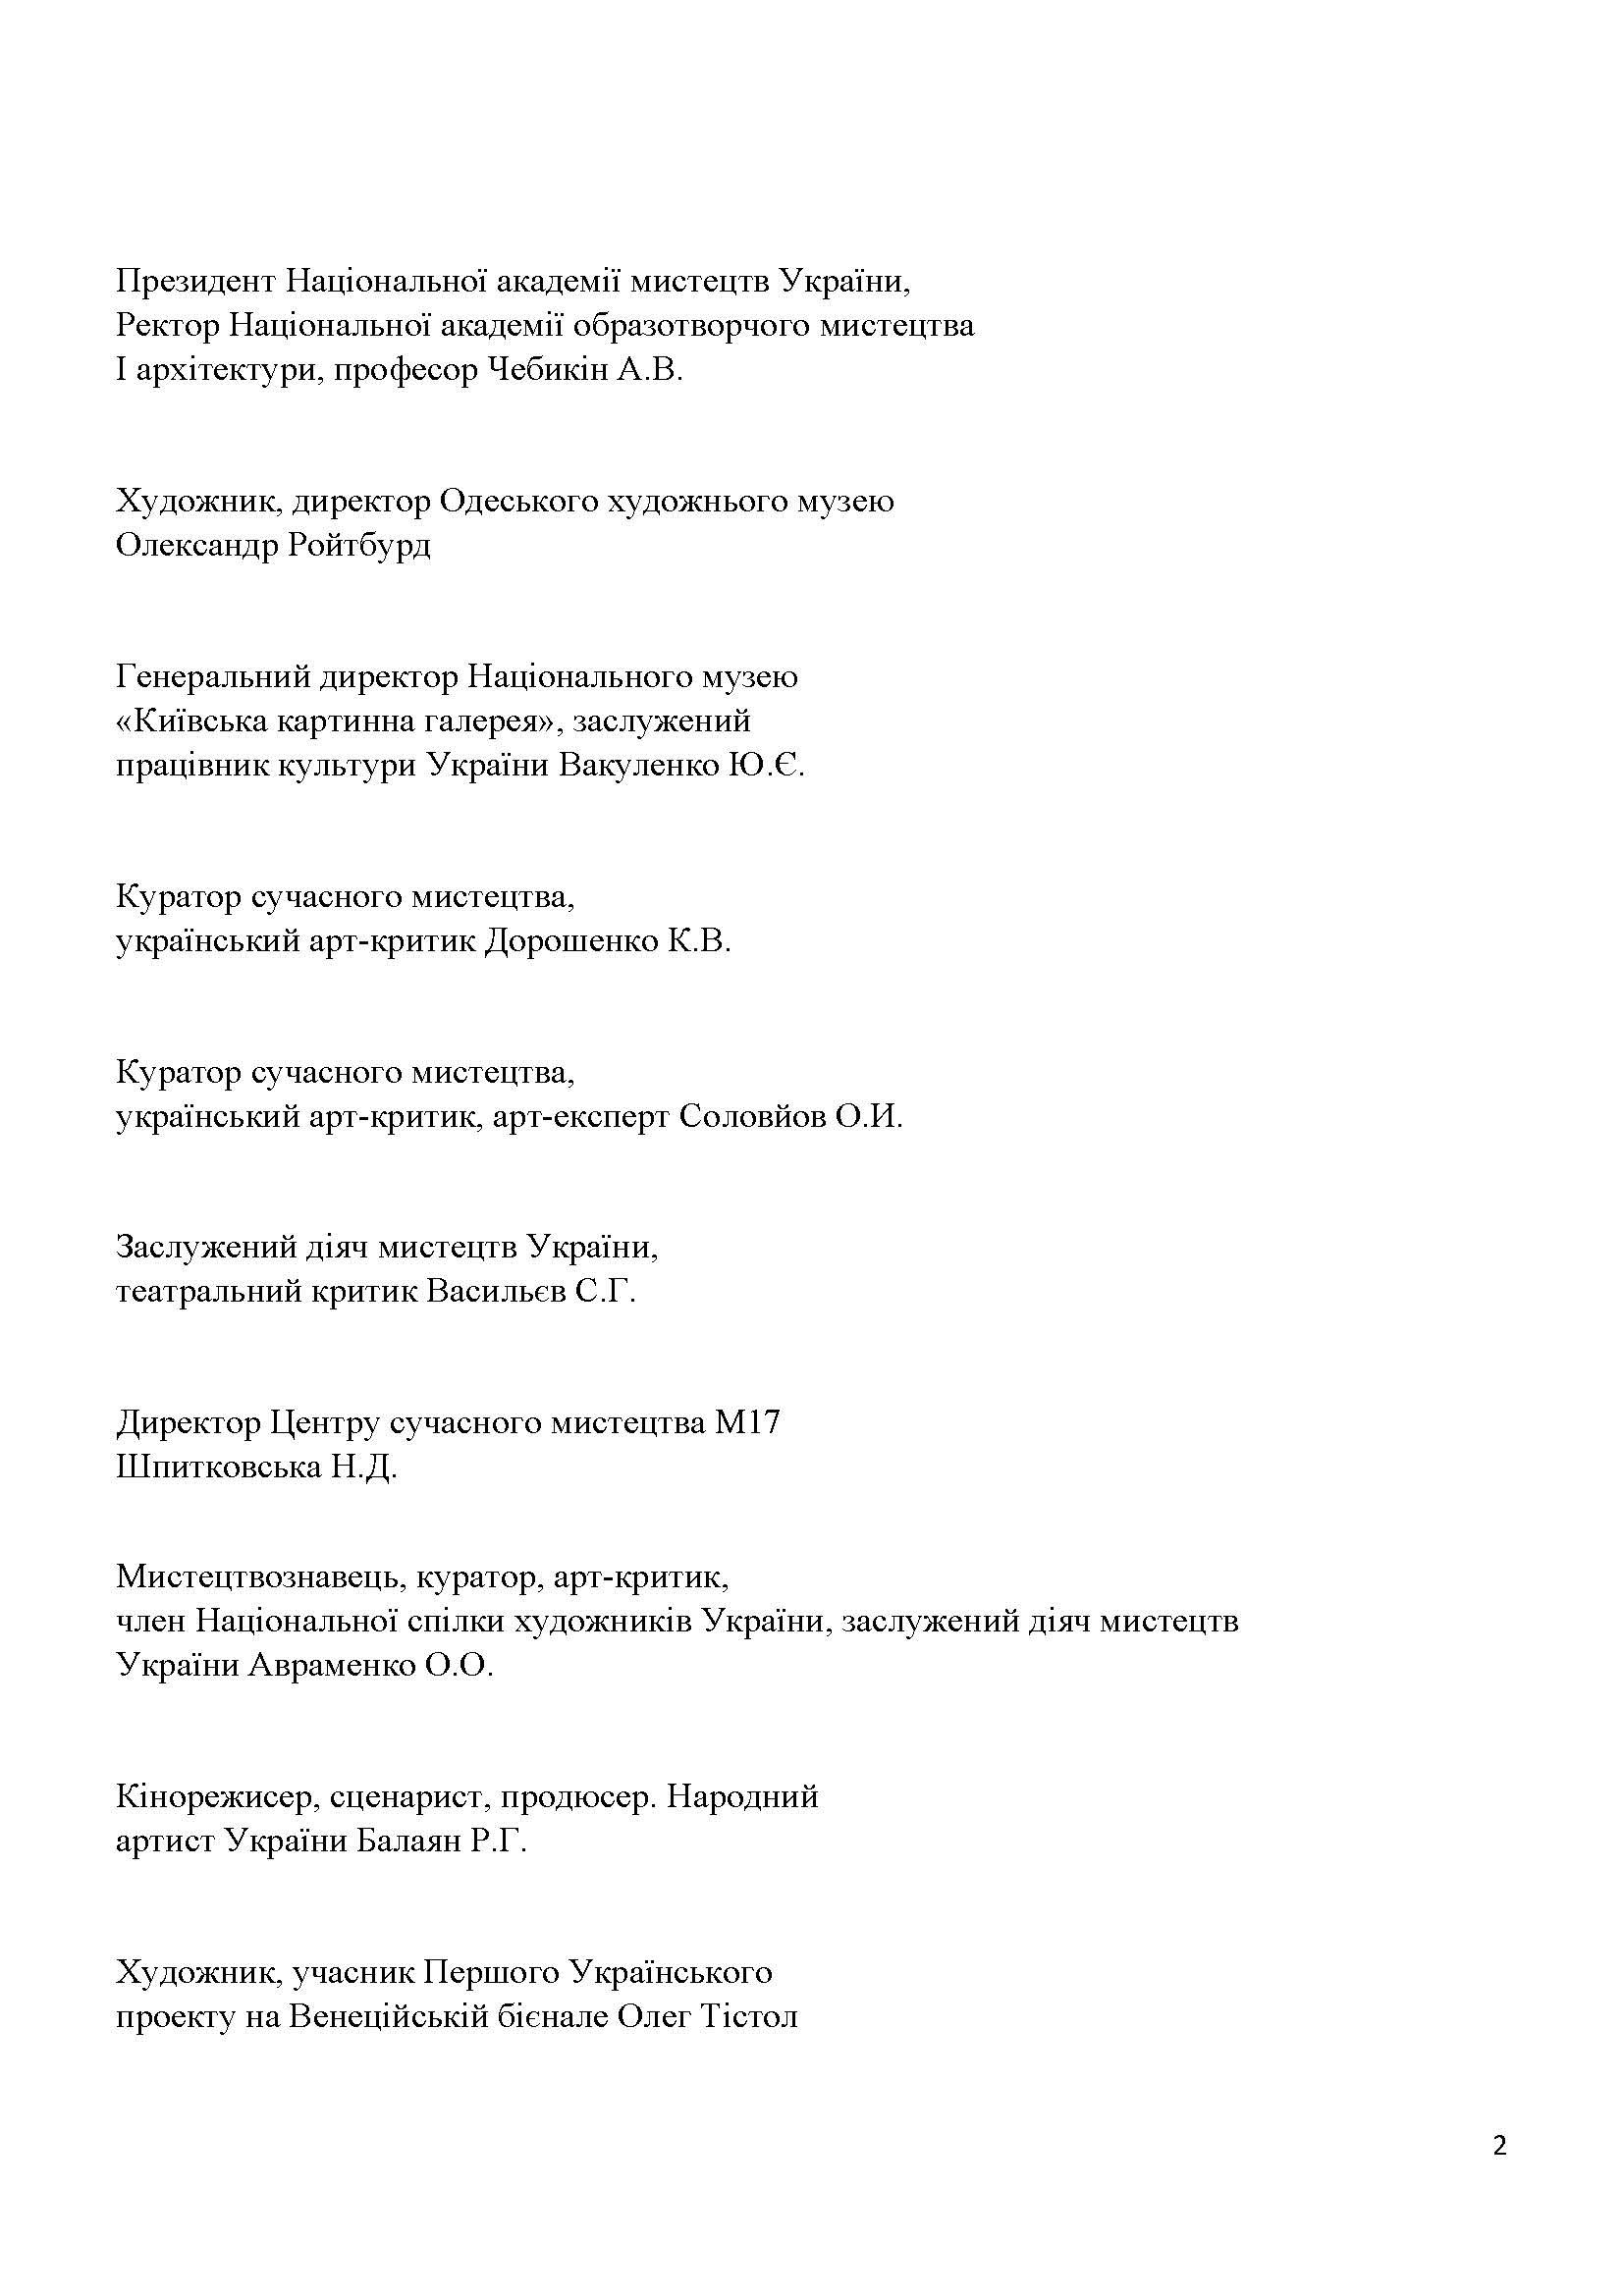 vidkritiy-list-bienale2018-1-_stranica_2